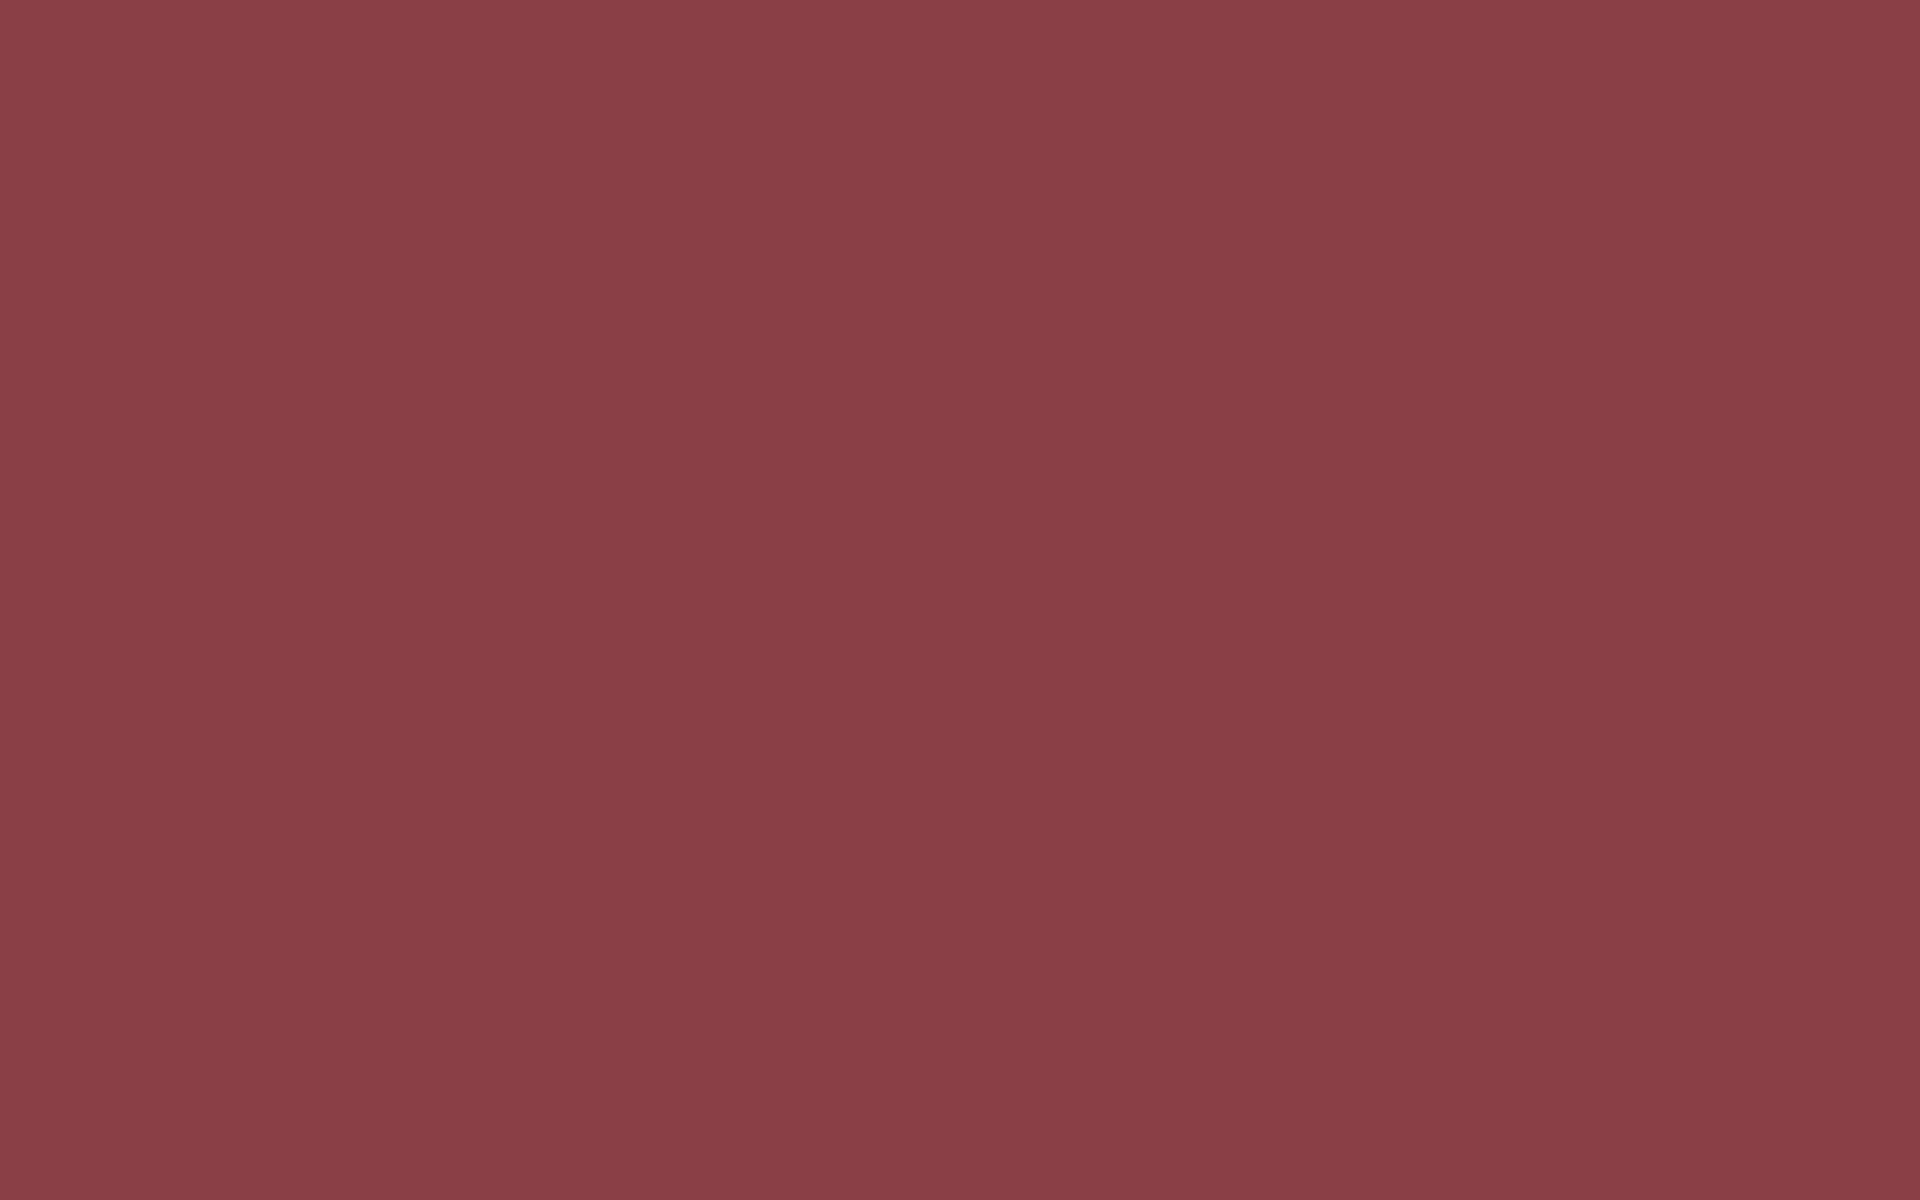 1920x1200 Cordovan Solid Color Background